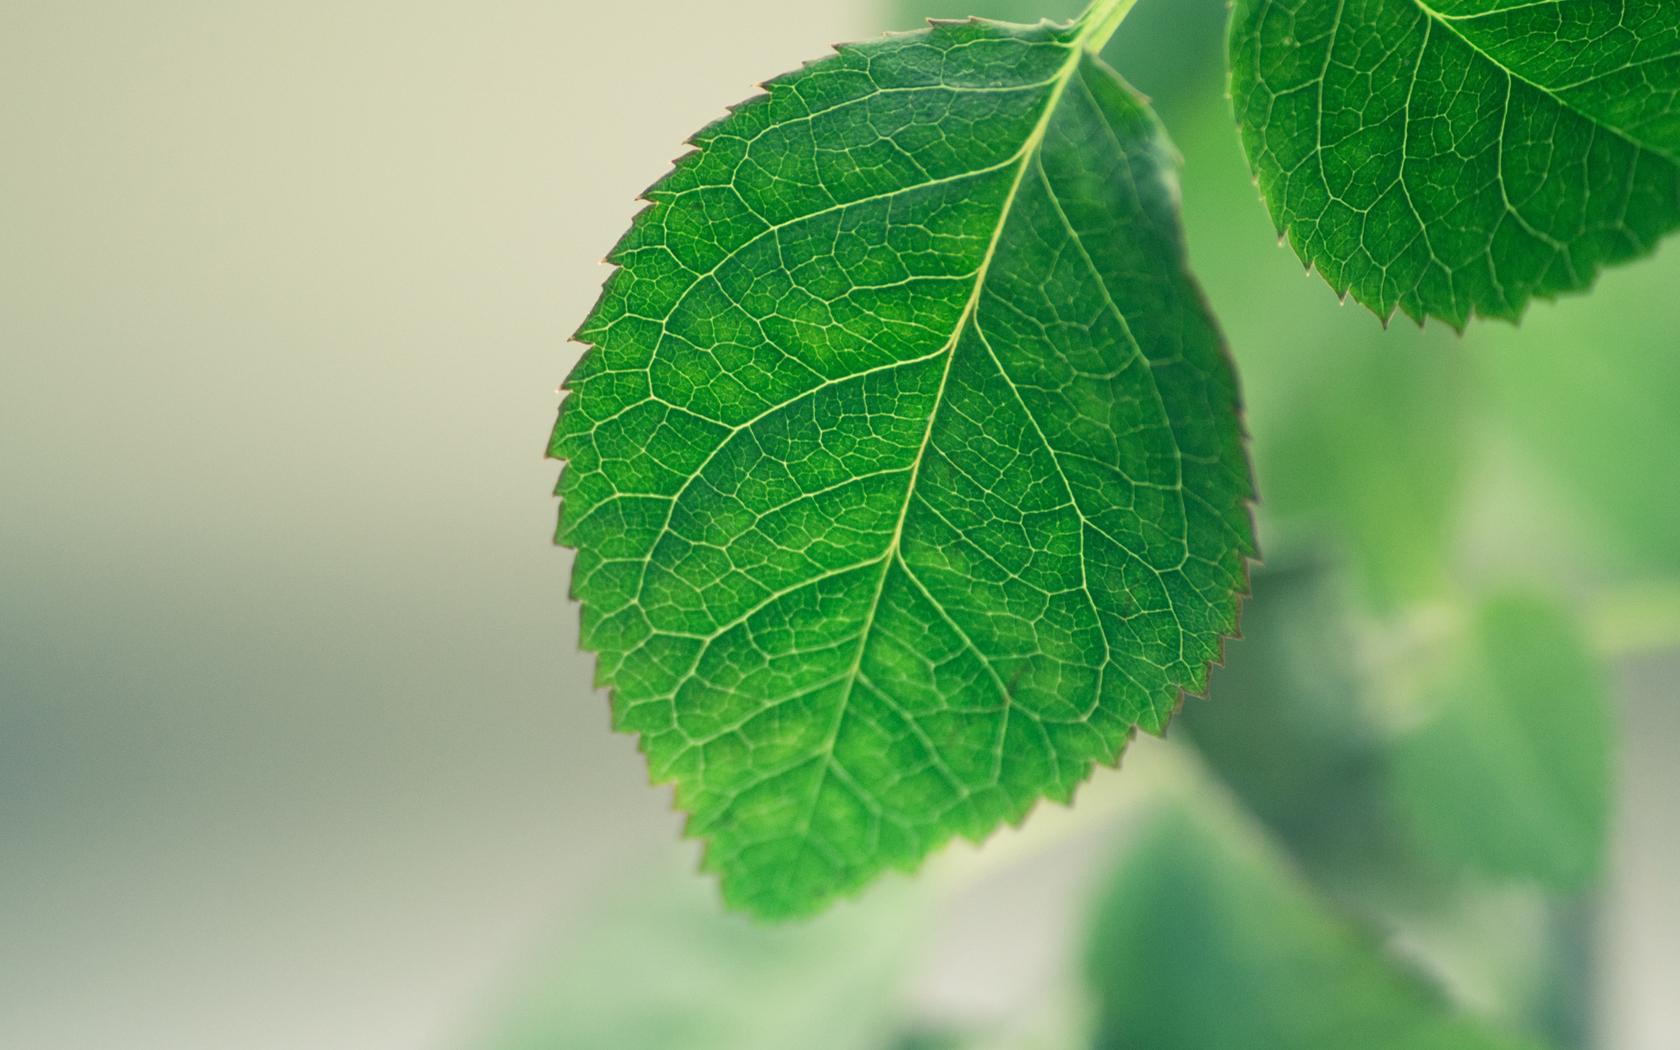 leaf macro 39027